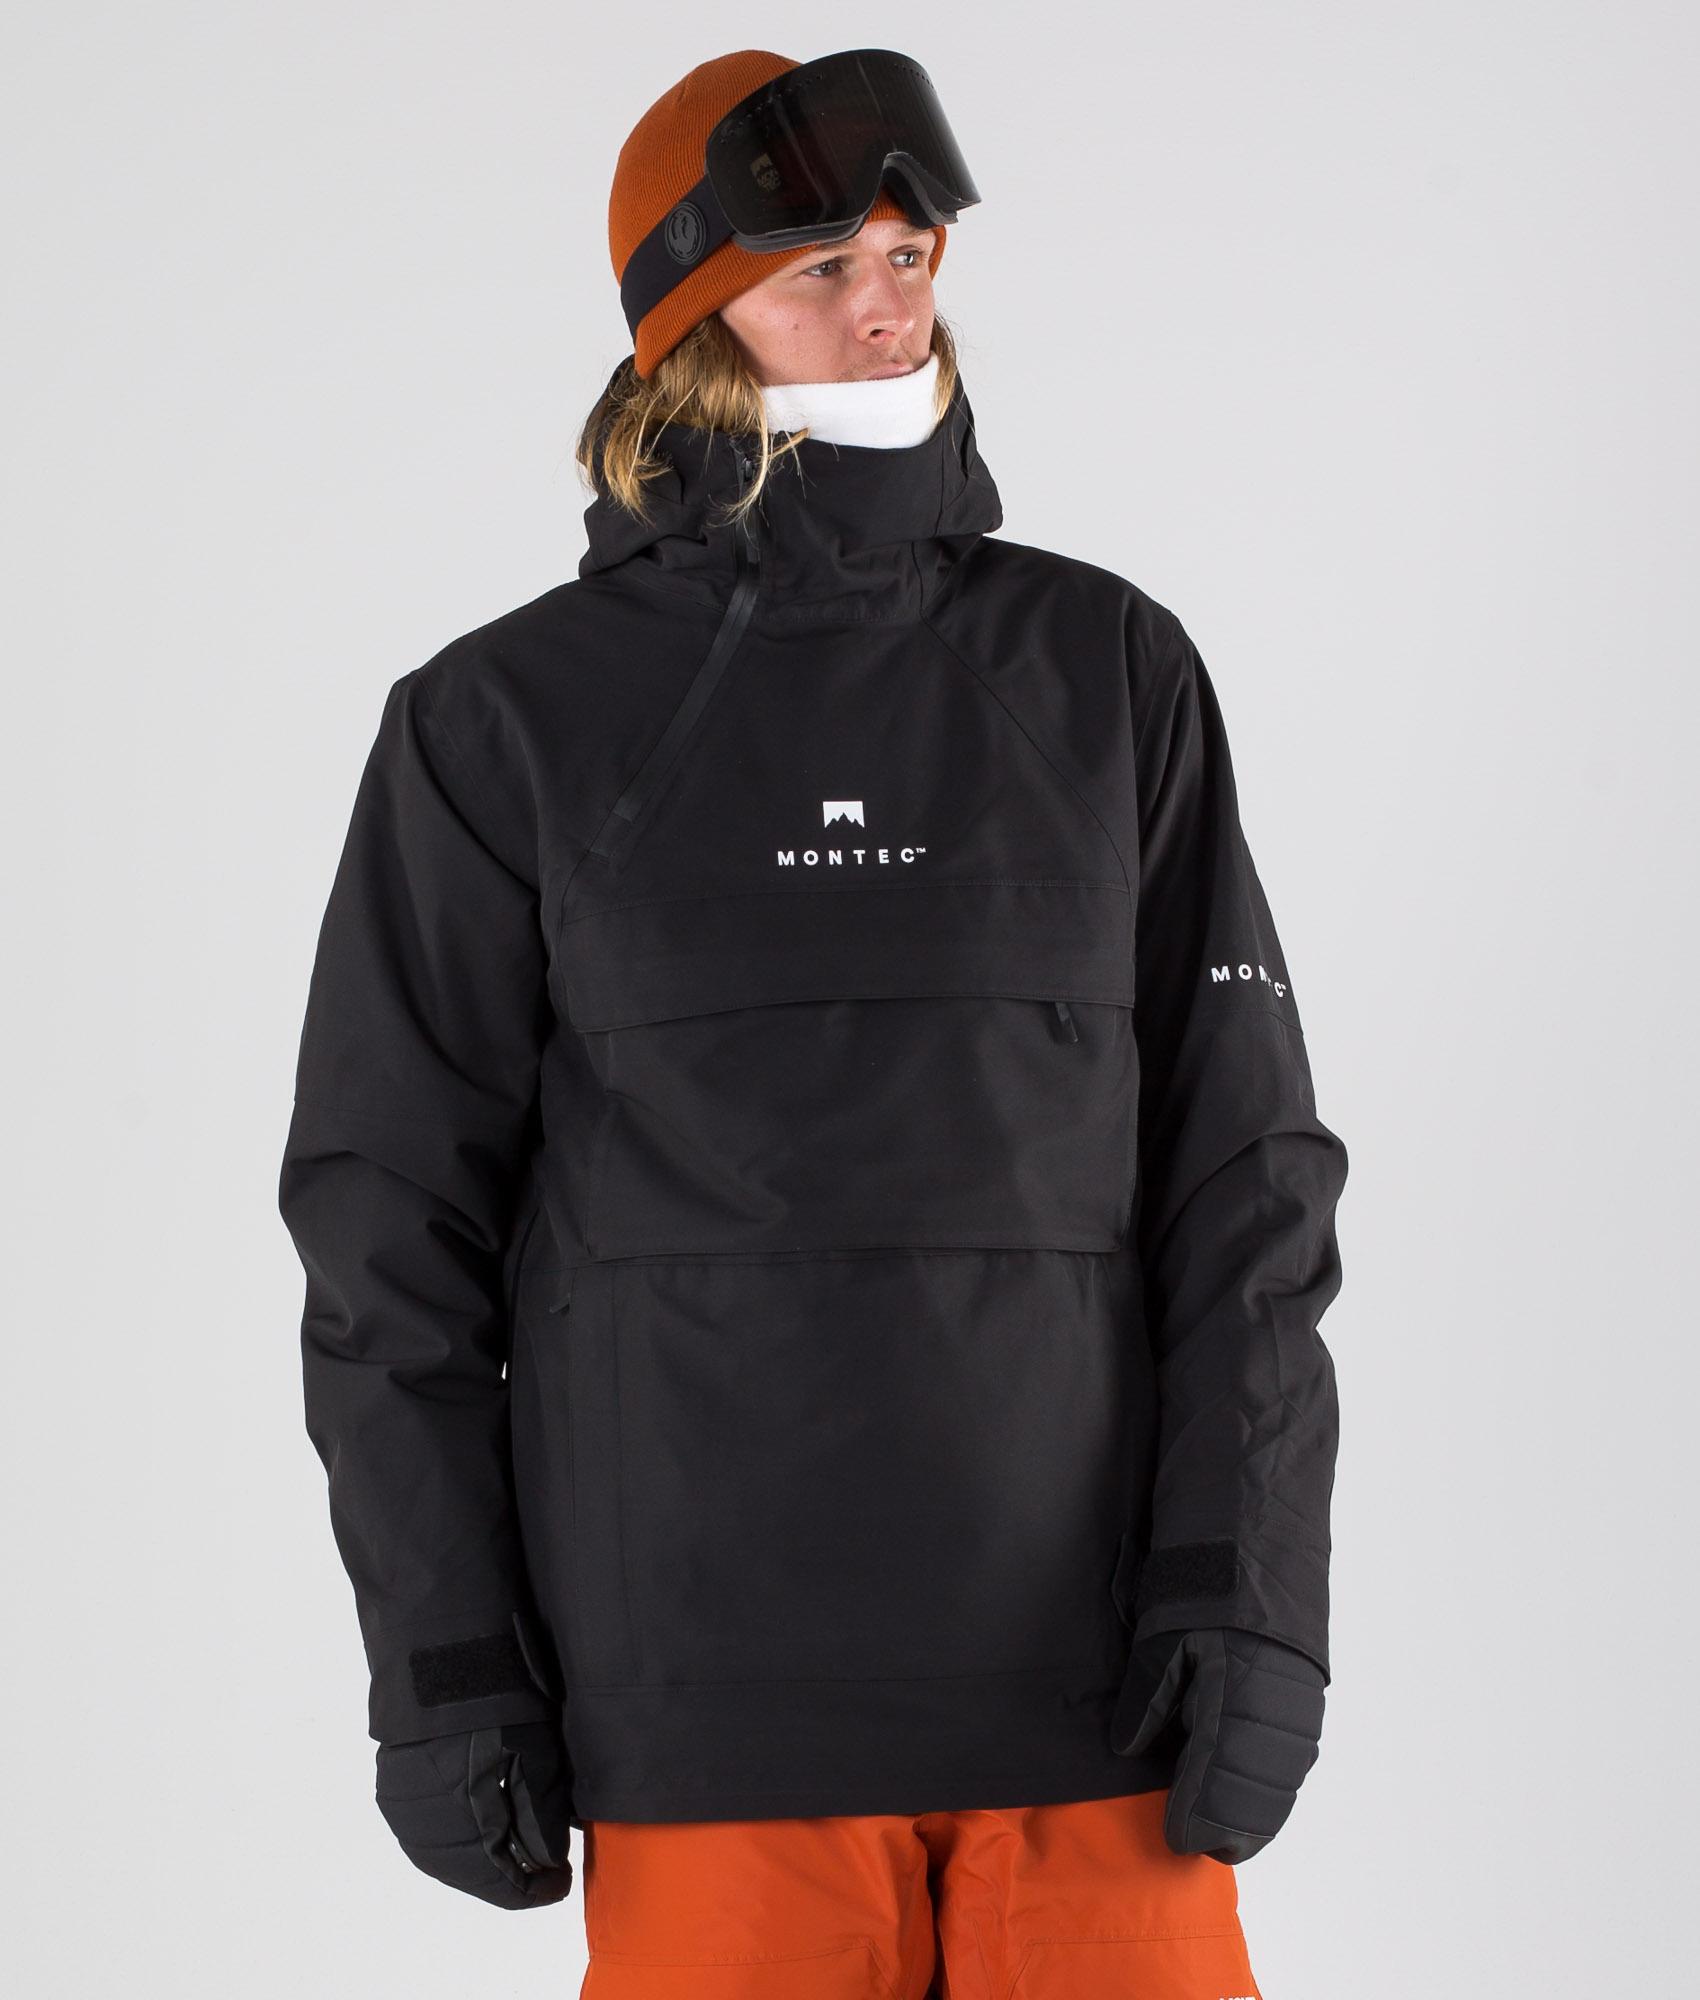 Veste Snowboard Homme | Livraison Gratuite | RIDESTORE